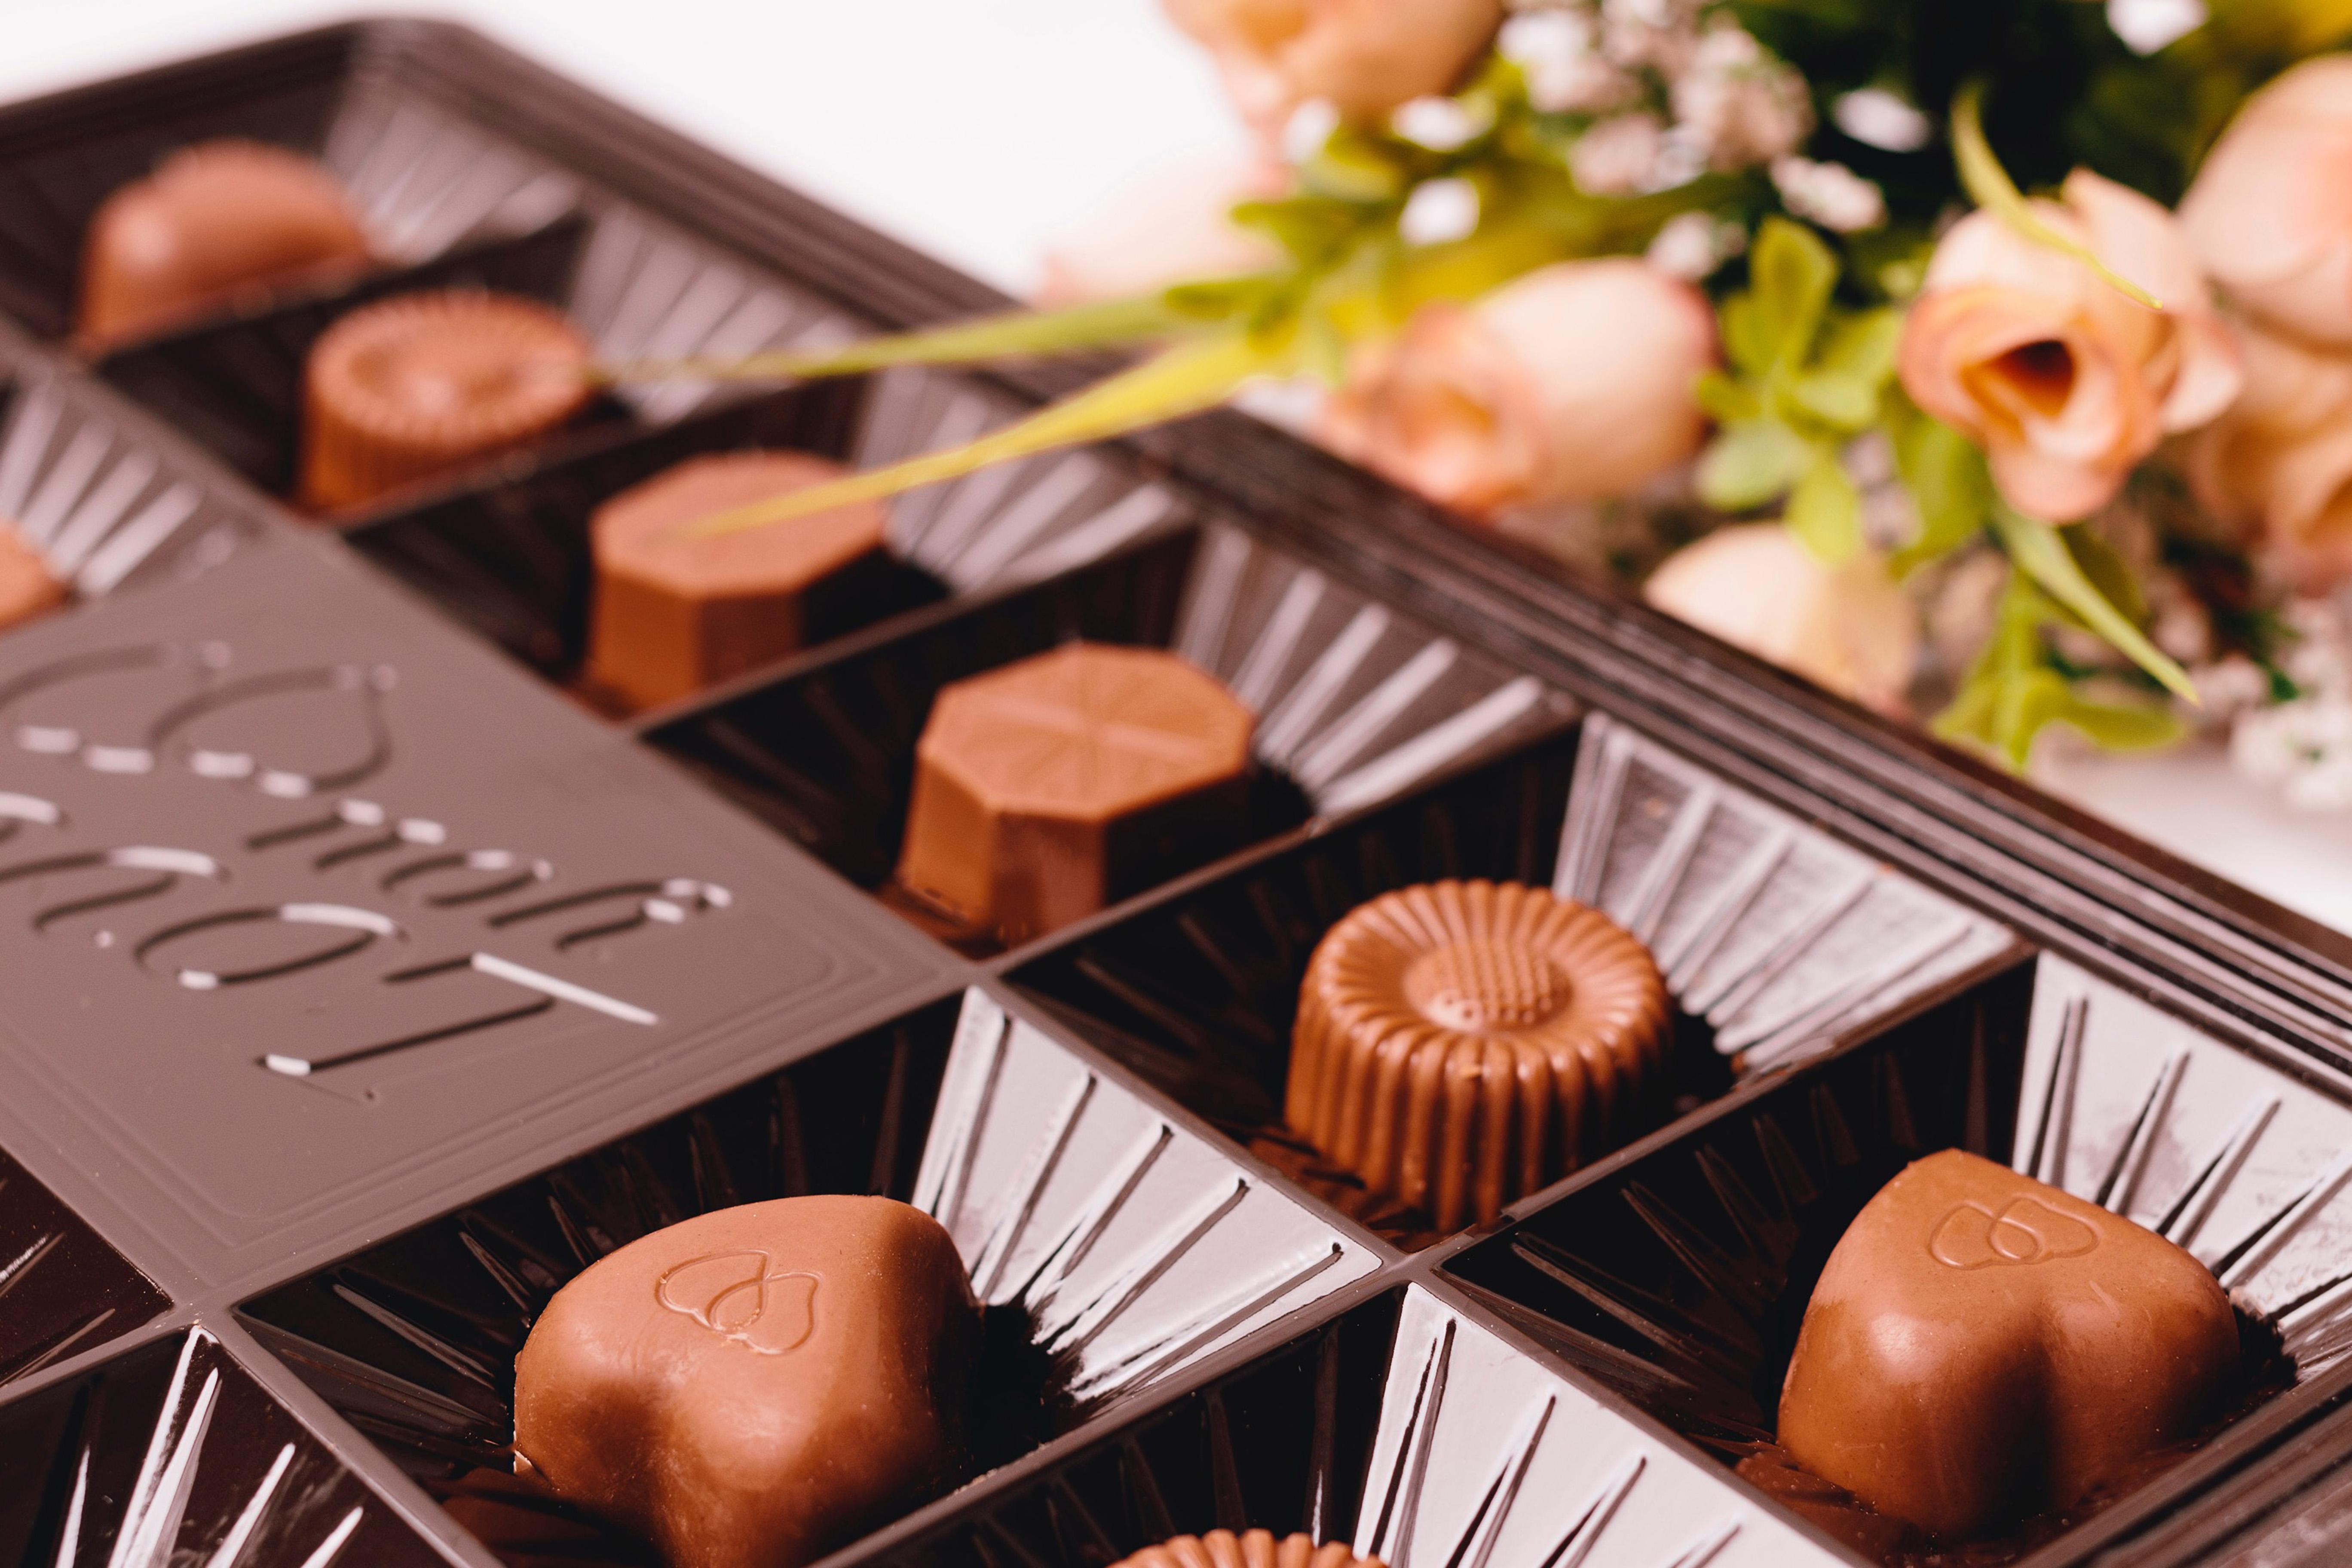 チョコレートのおすすめ14選!高級海外ブランドも